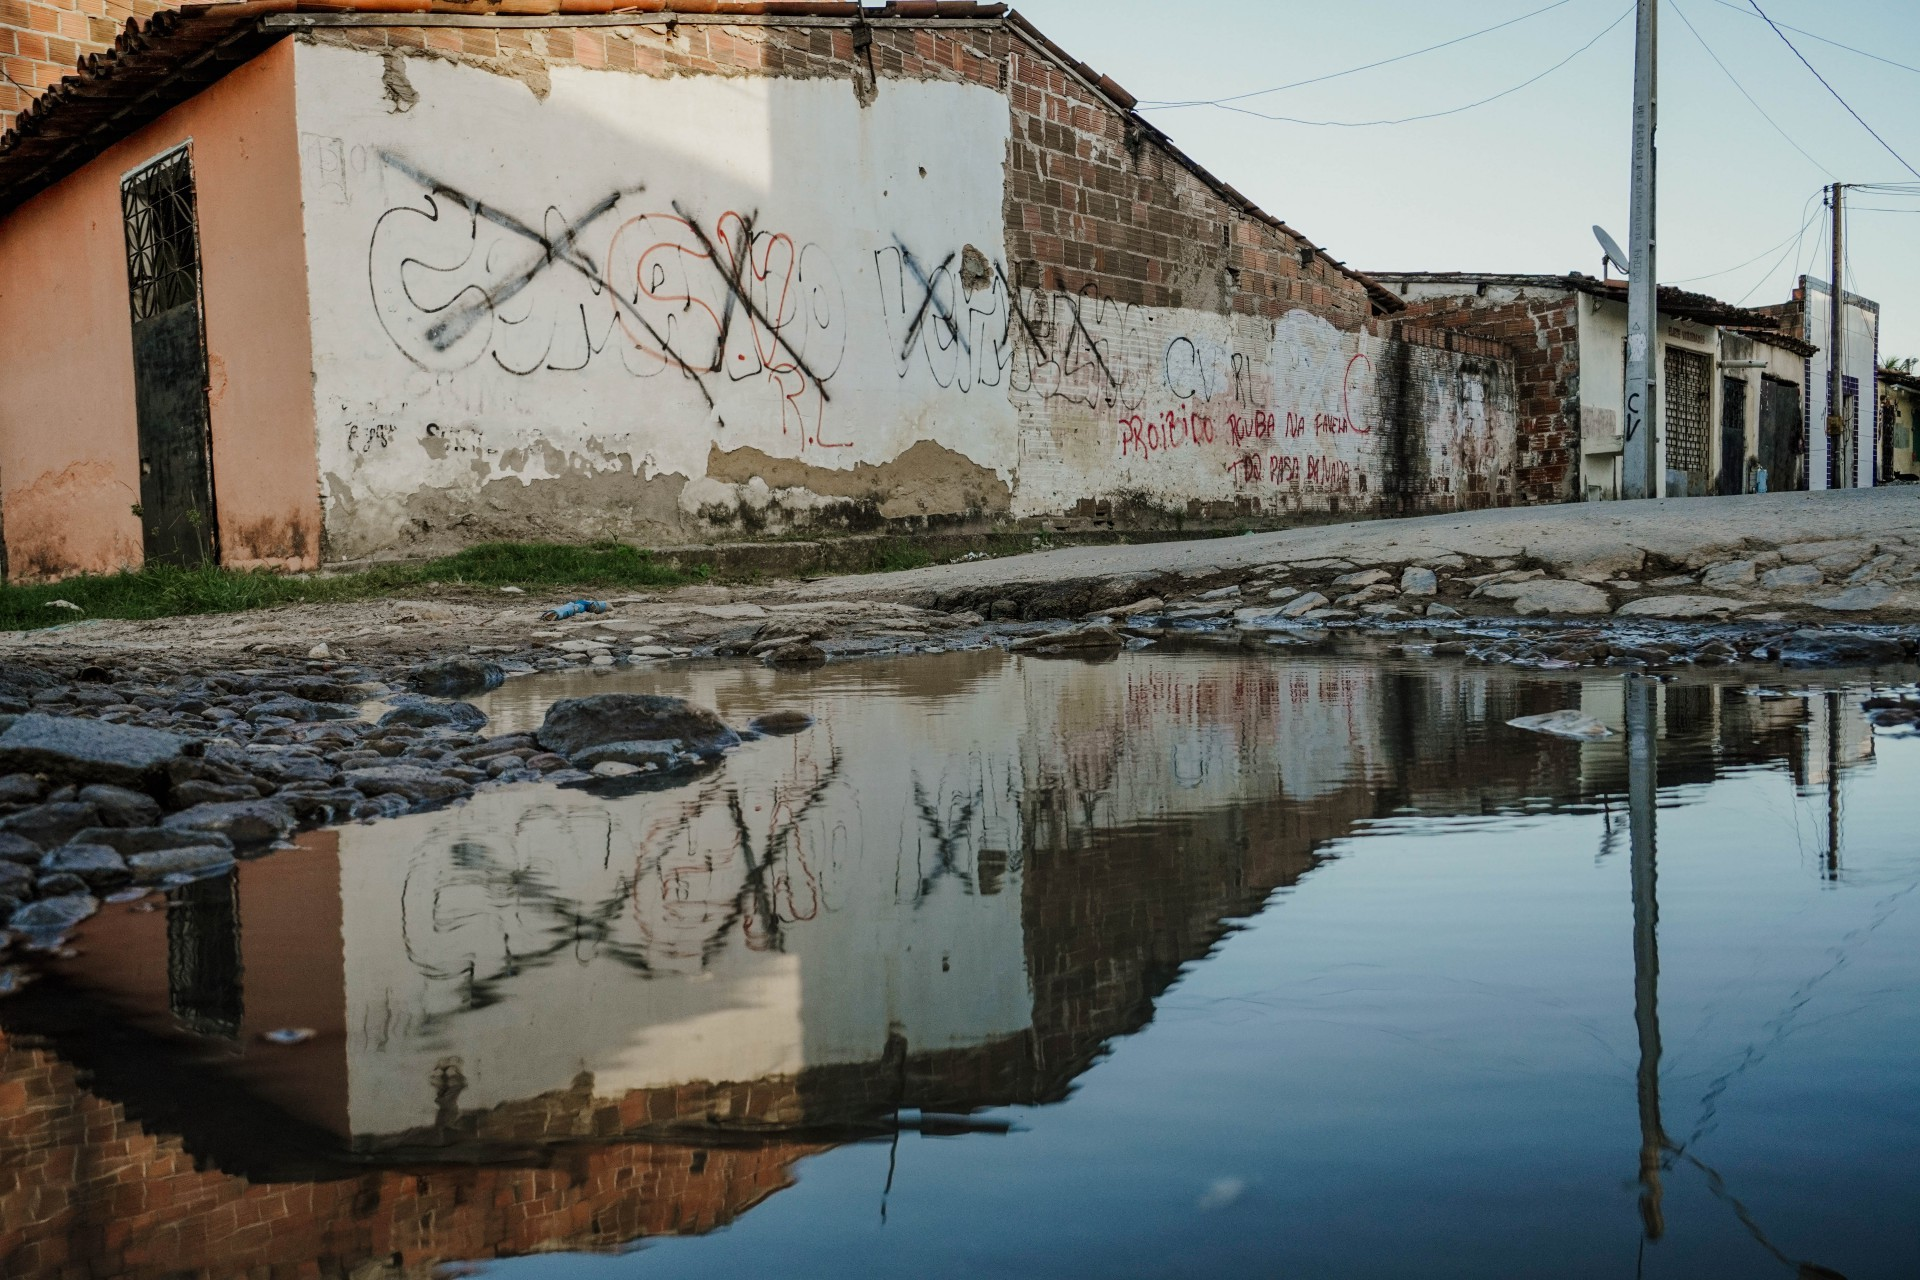 Pichações nas ruas mostram quais as facções que mandam no local (Foto: JÚLIO CAESAR)